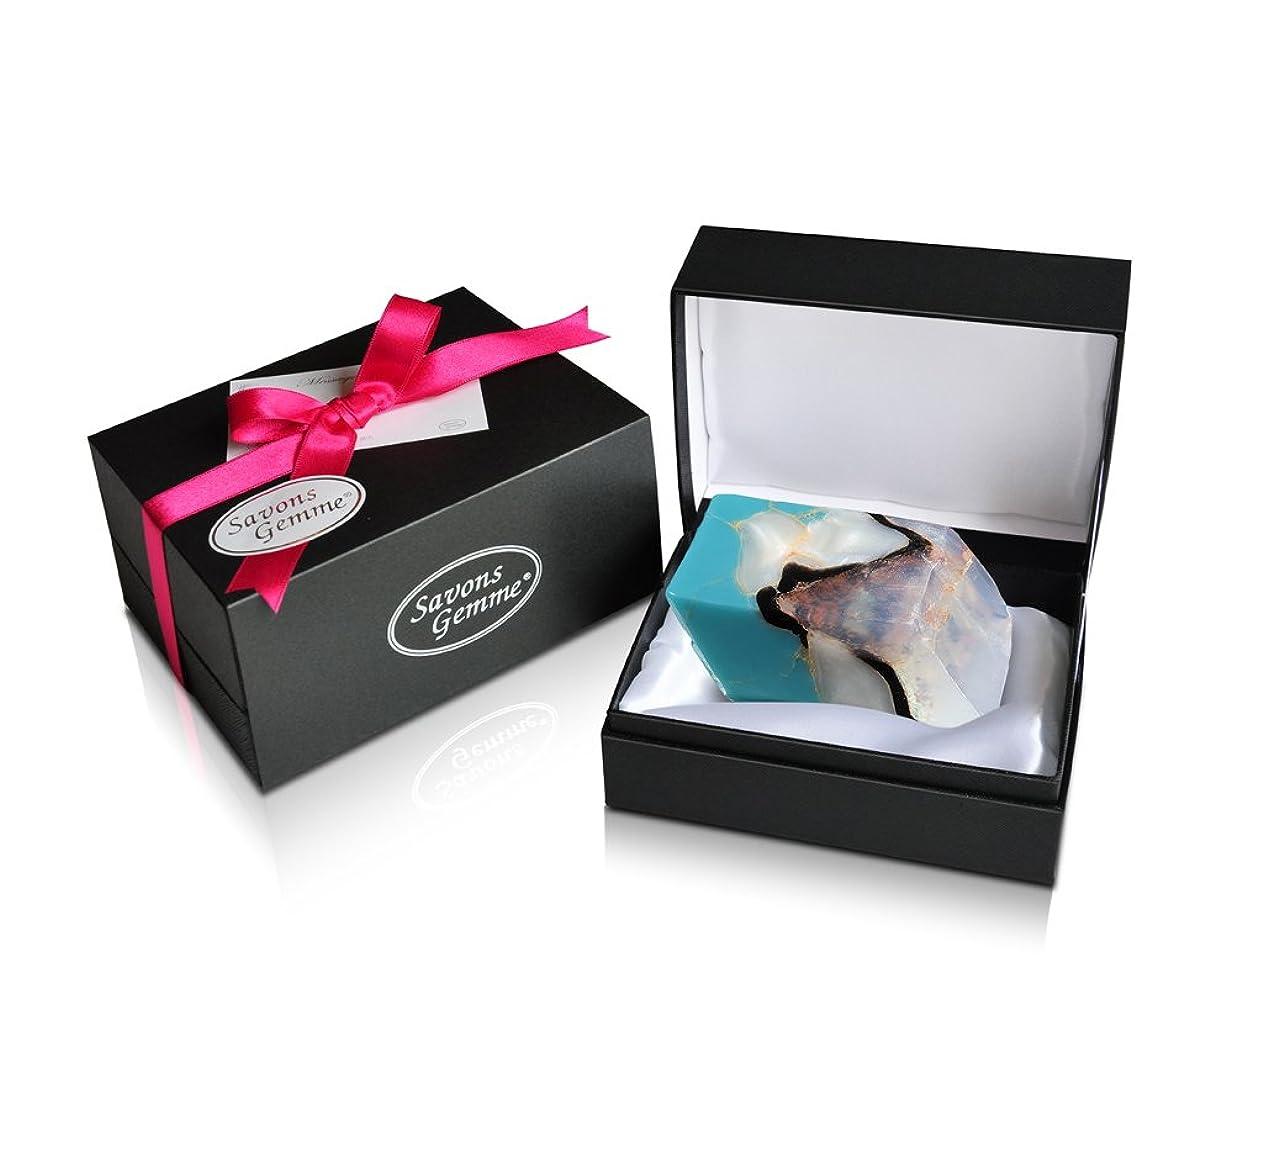 名義で良さ変化Savons Gemme サボンジェム ジュエリーギフトボックス 世界で一番美しい宝石石鹸 フレグランス ソープ ターコイズ 170g